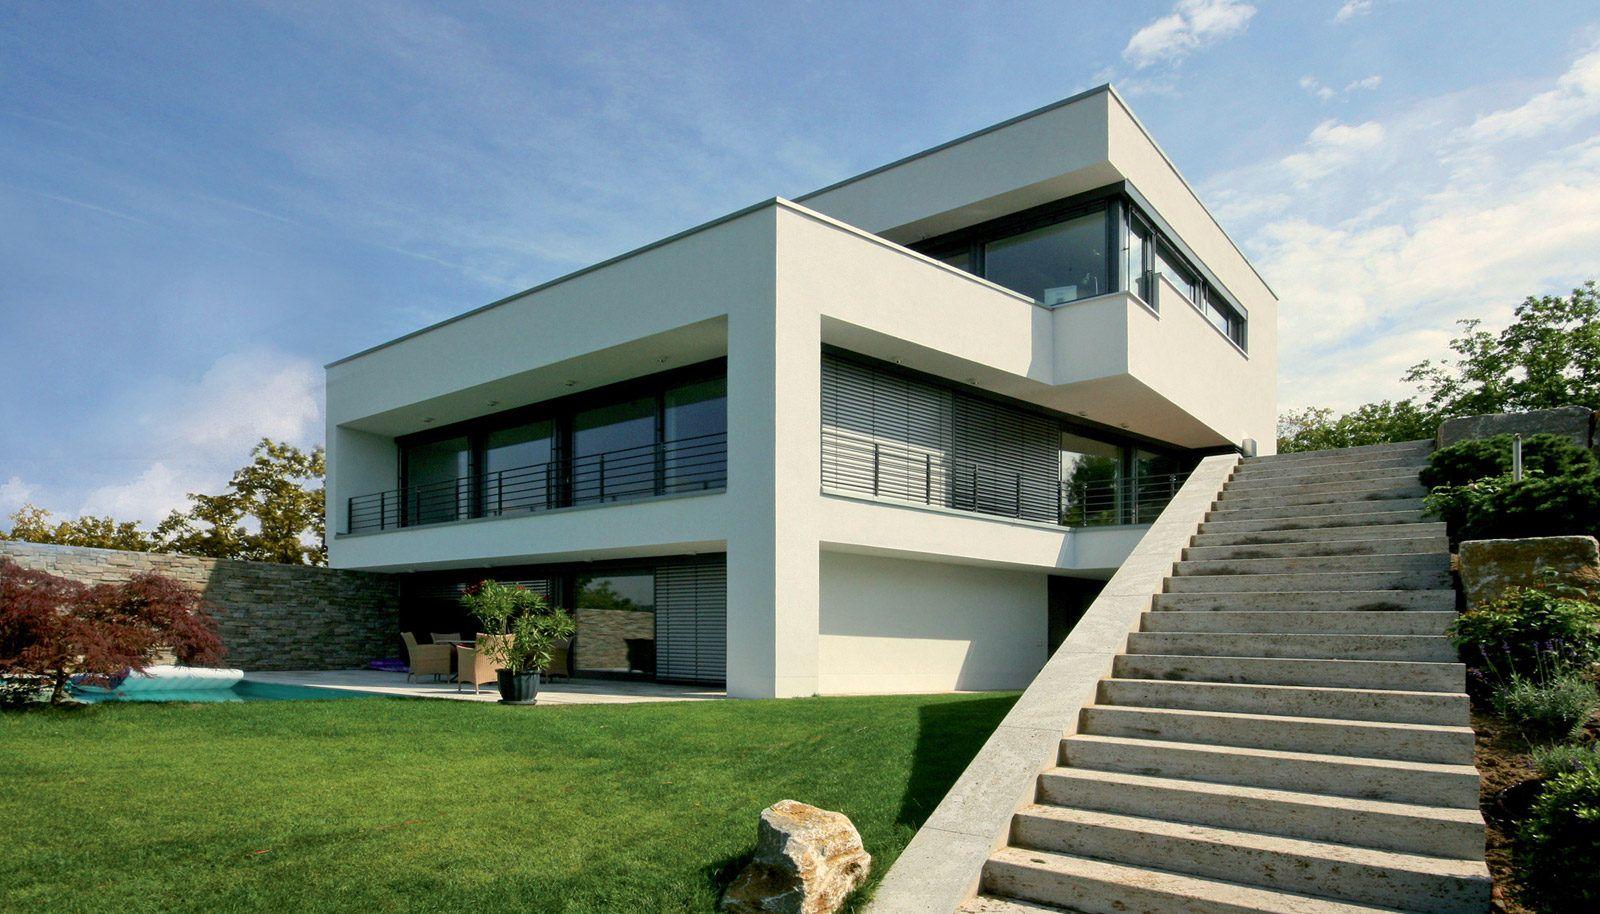 modernes hanghaus in wiesbaden bauen. individuelle planung vom ... - Moderne Haus Architektur